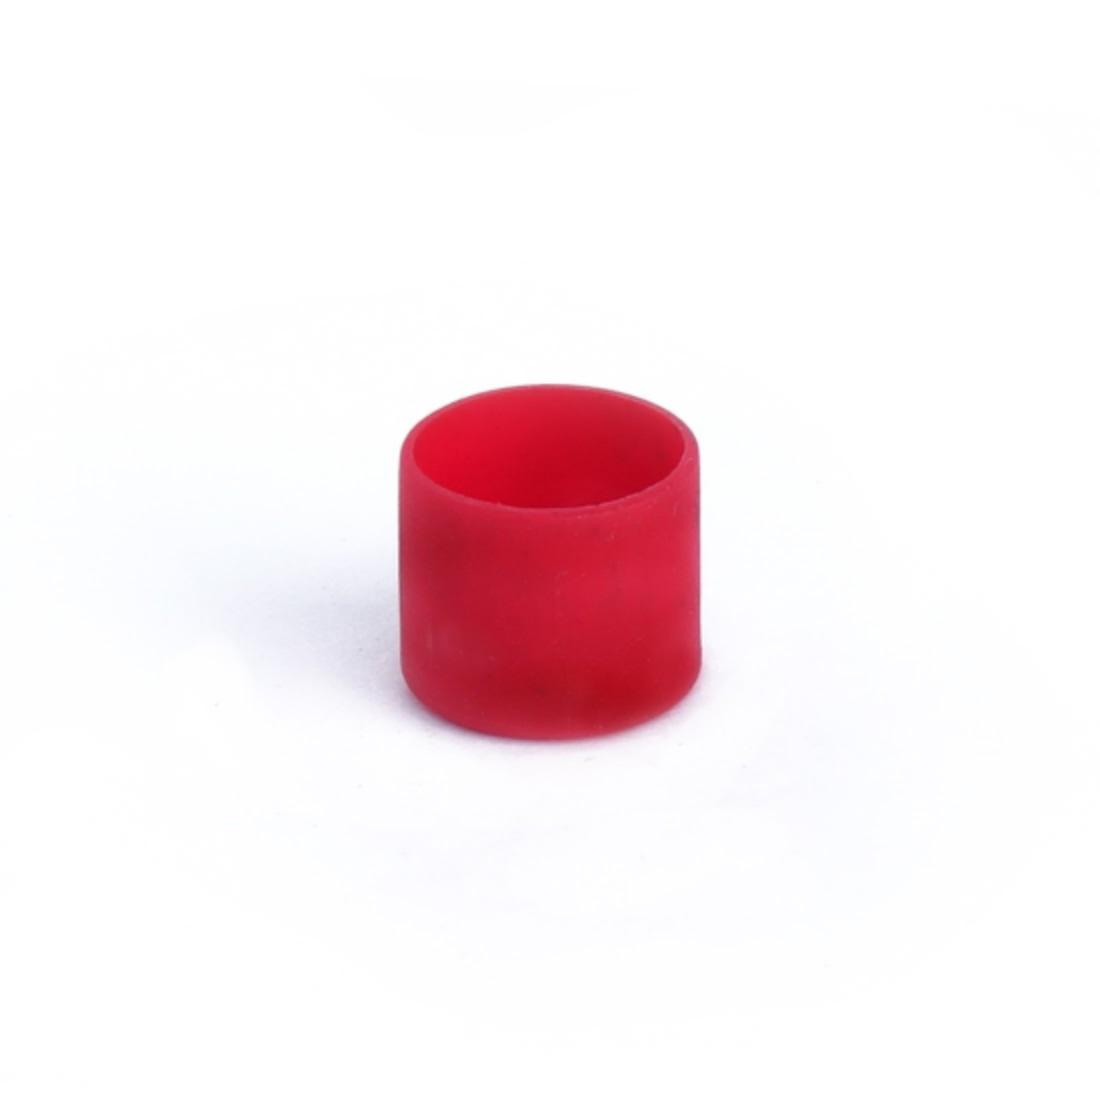 red dust plug